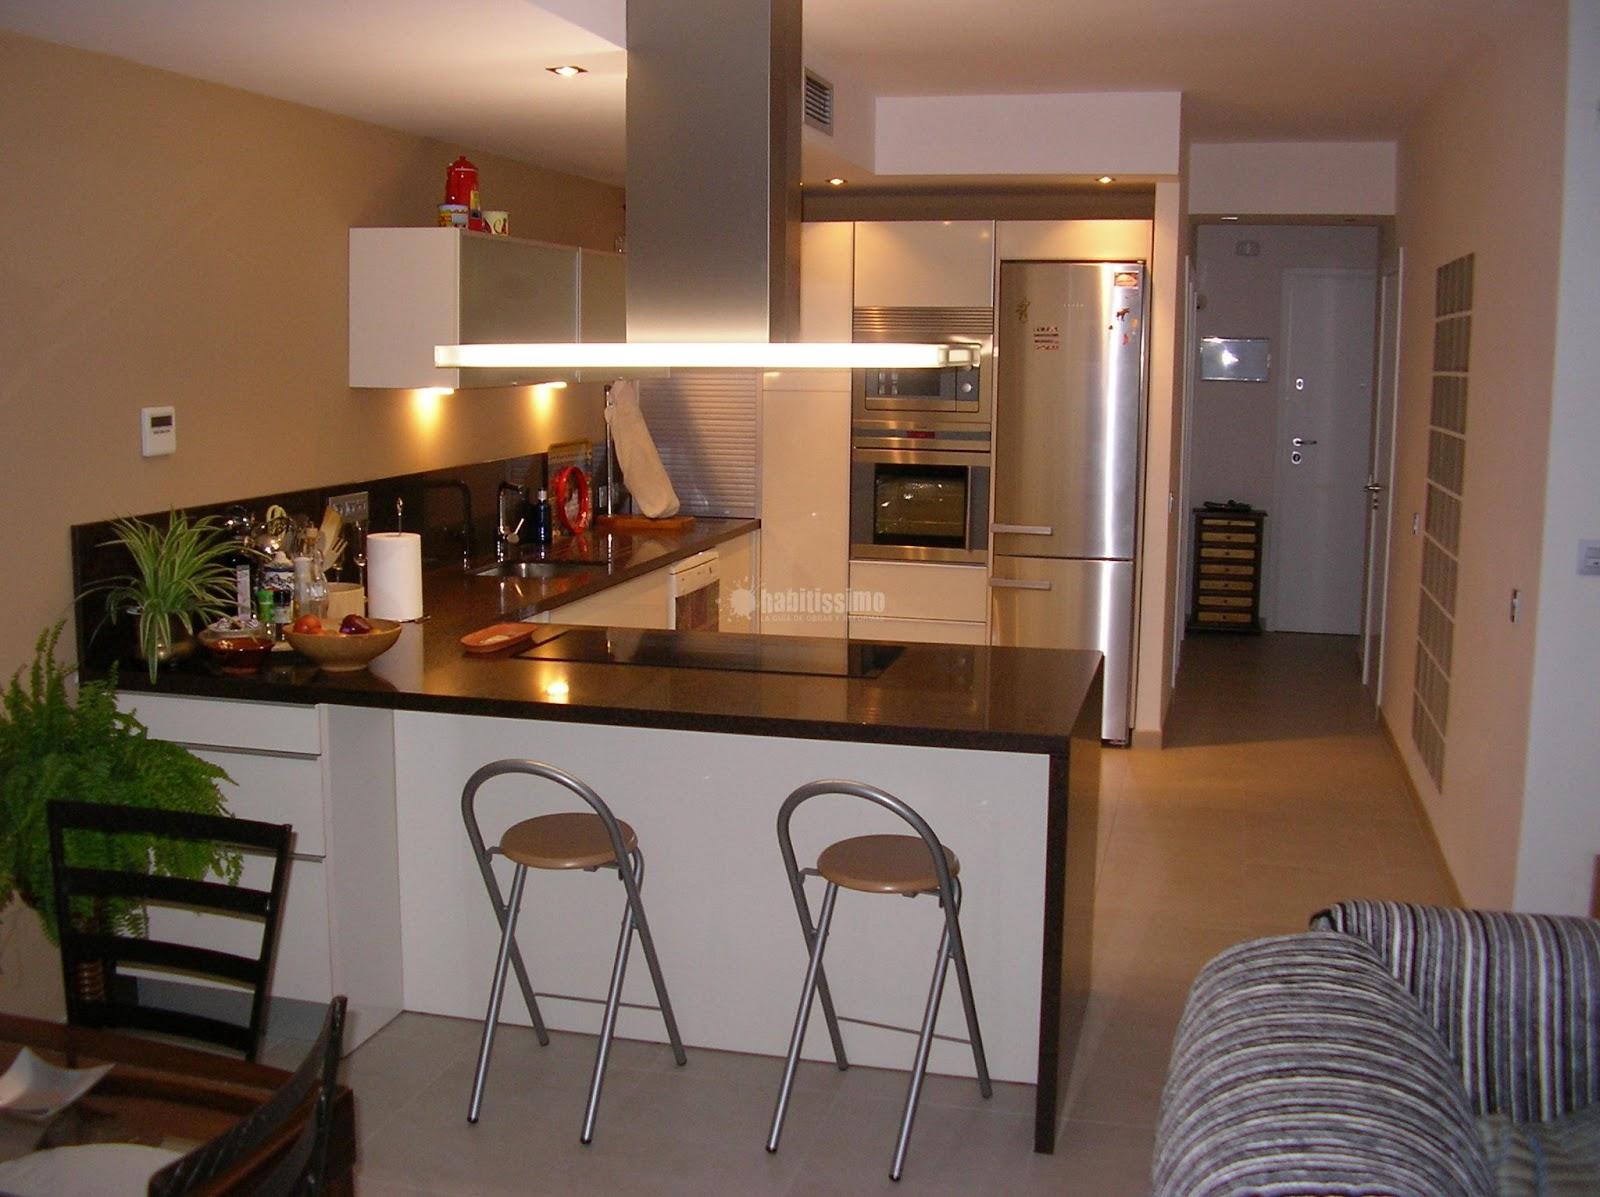 Decorando dormitorios dise o de cocina abierta al comedor - Fotos de cocina comedor ...